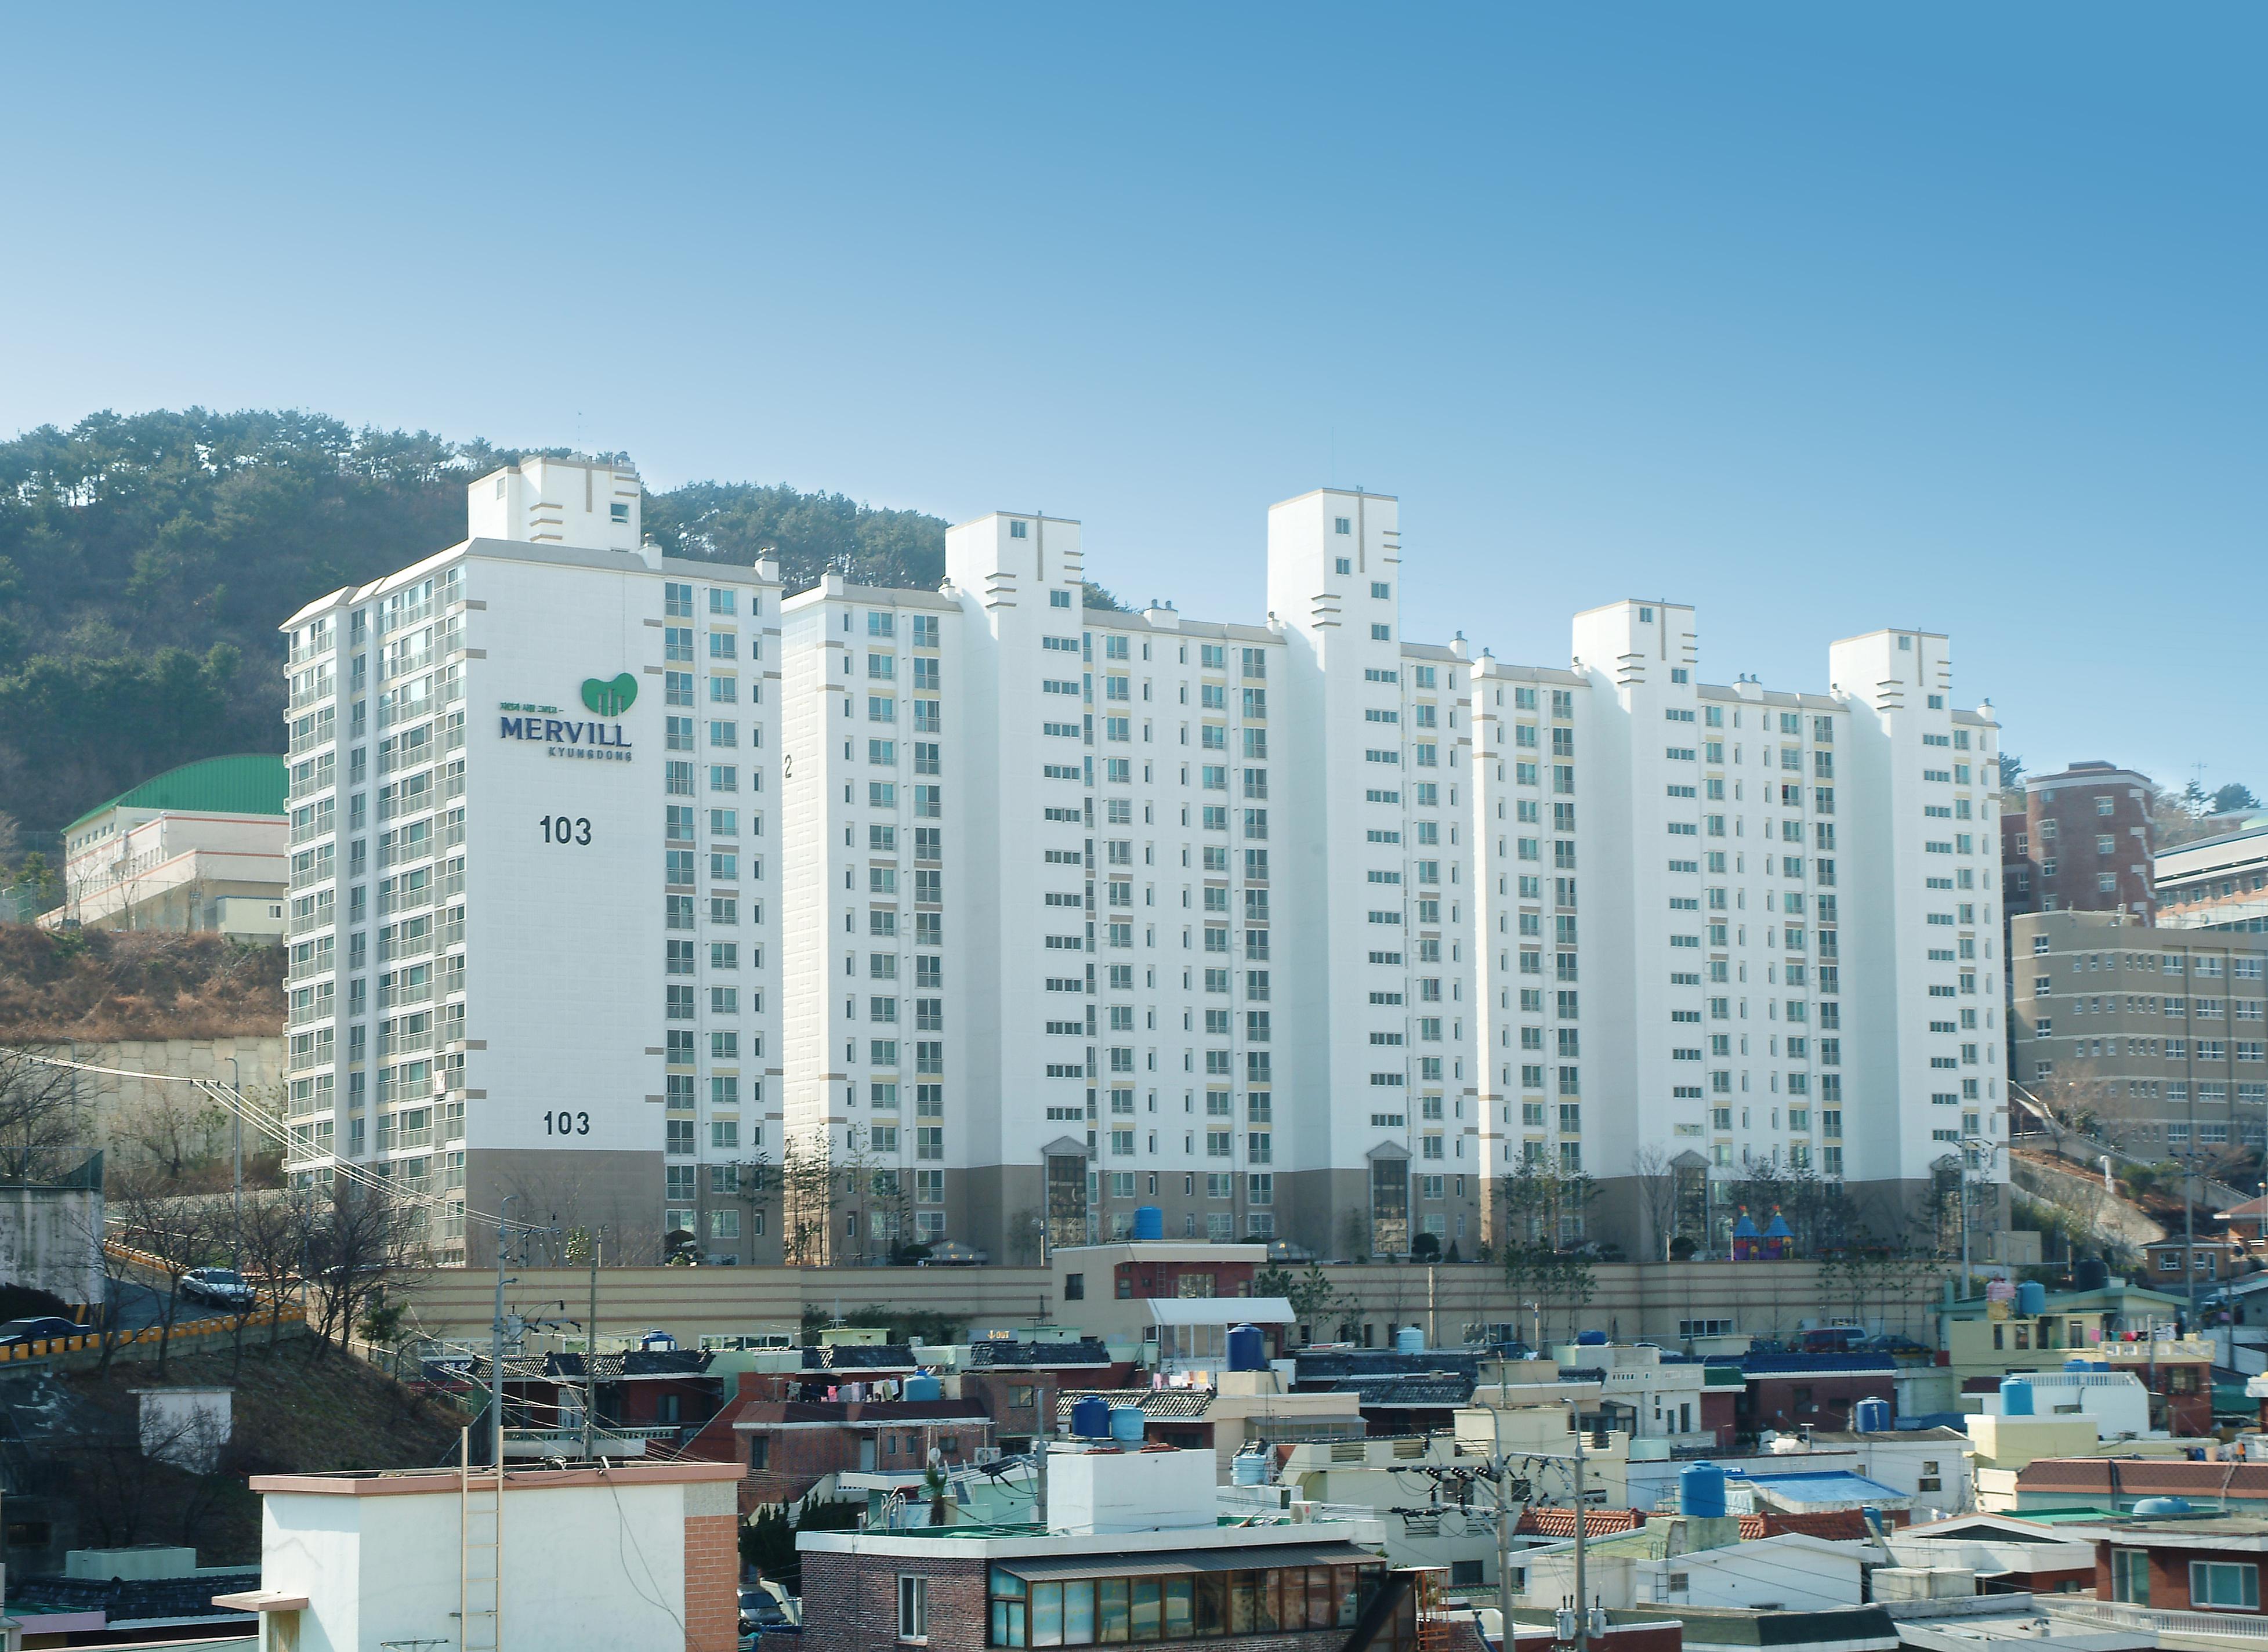 괴정동 경동메르빌 (2006.12)